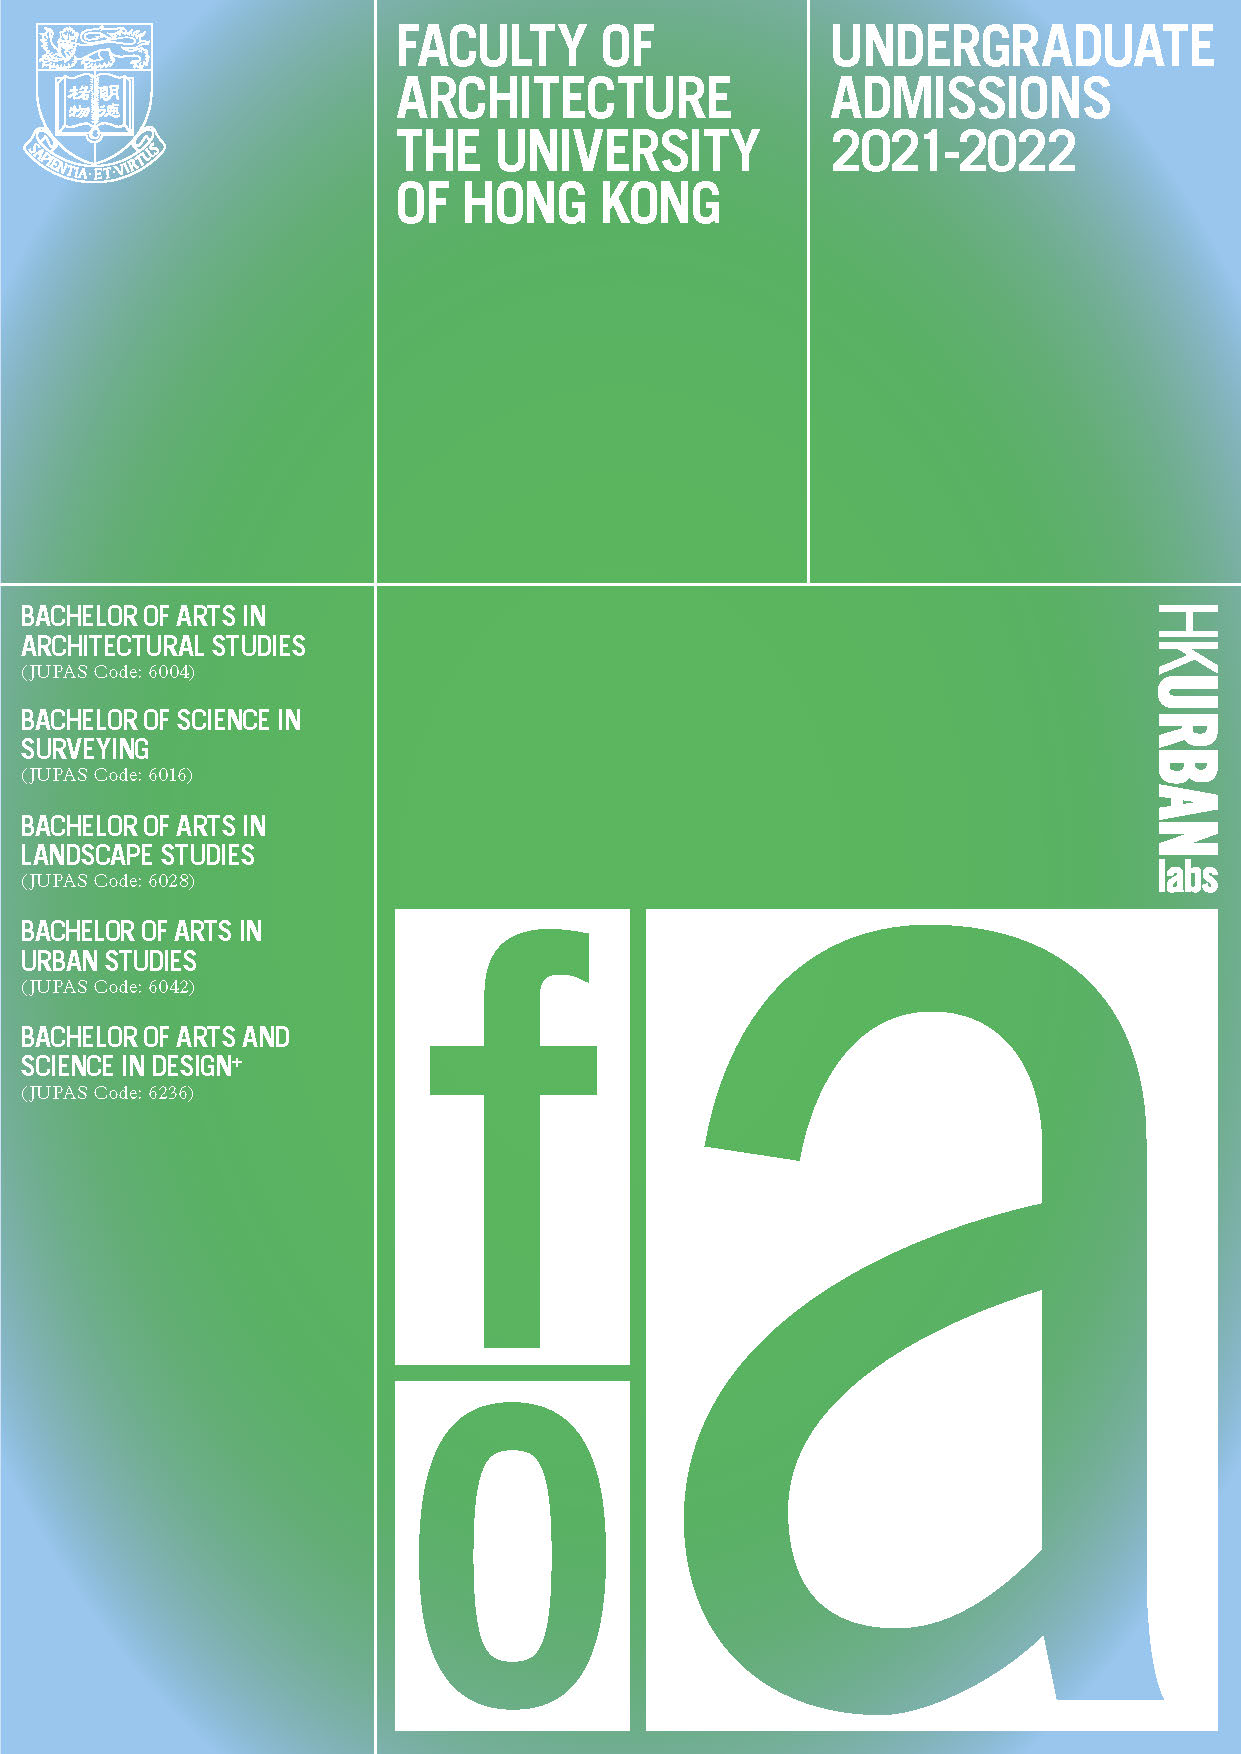 DIGITAL_ProgrammeLeaflet2021-22_FoA_201028_Page_1